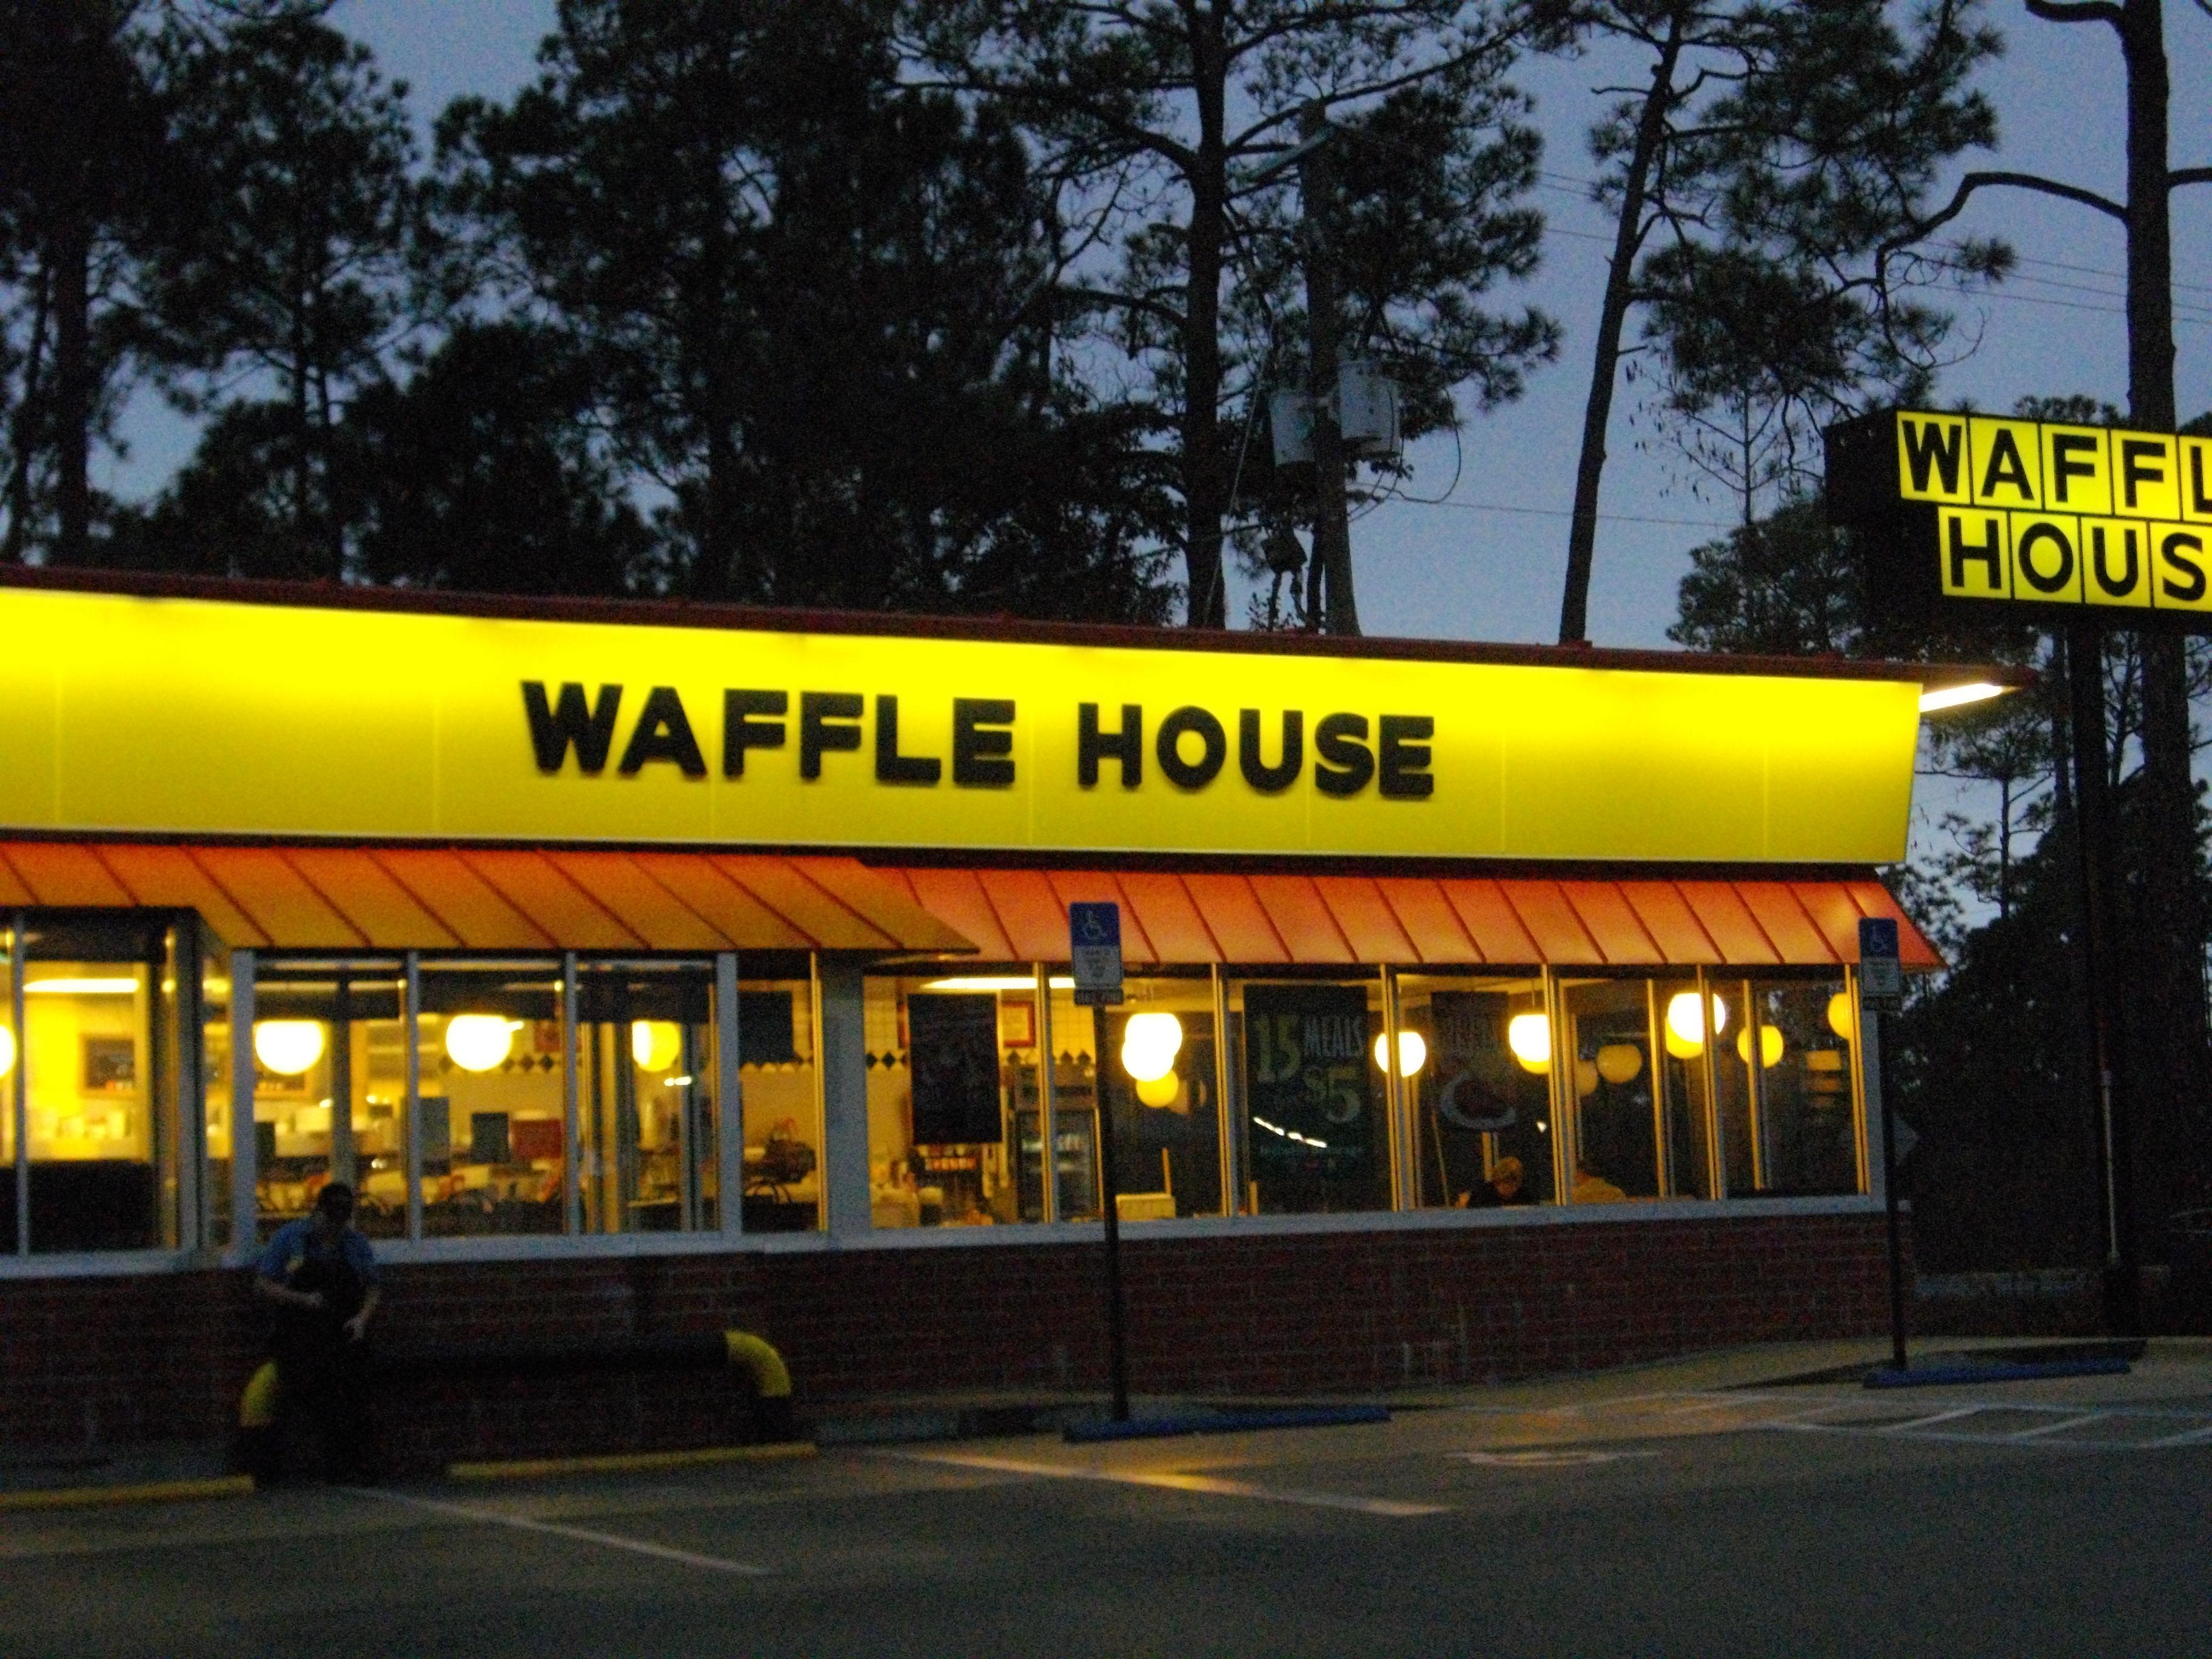 Waffle house candler rd 28 images waffle house candler for Waffle house classic jukebox favorites